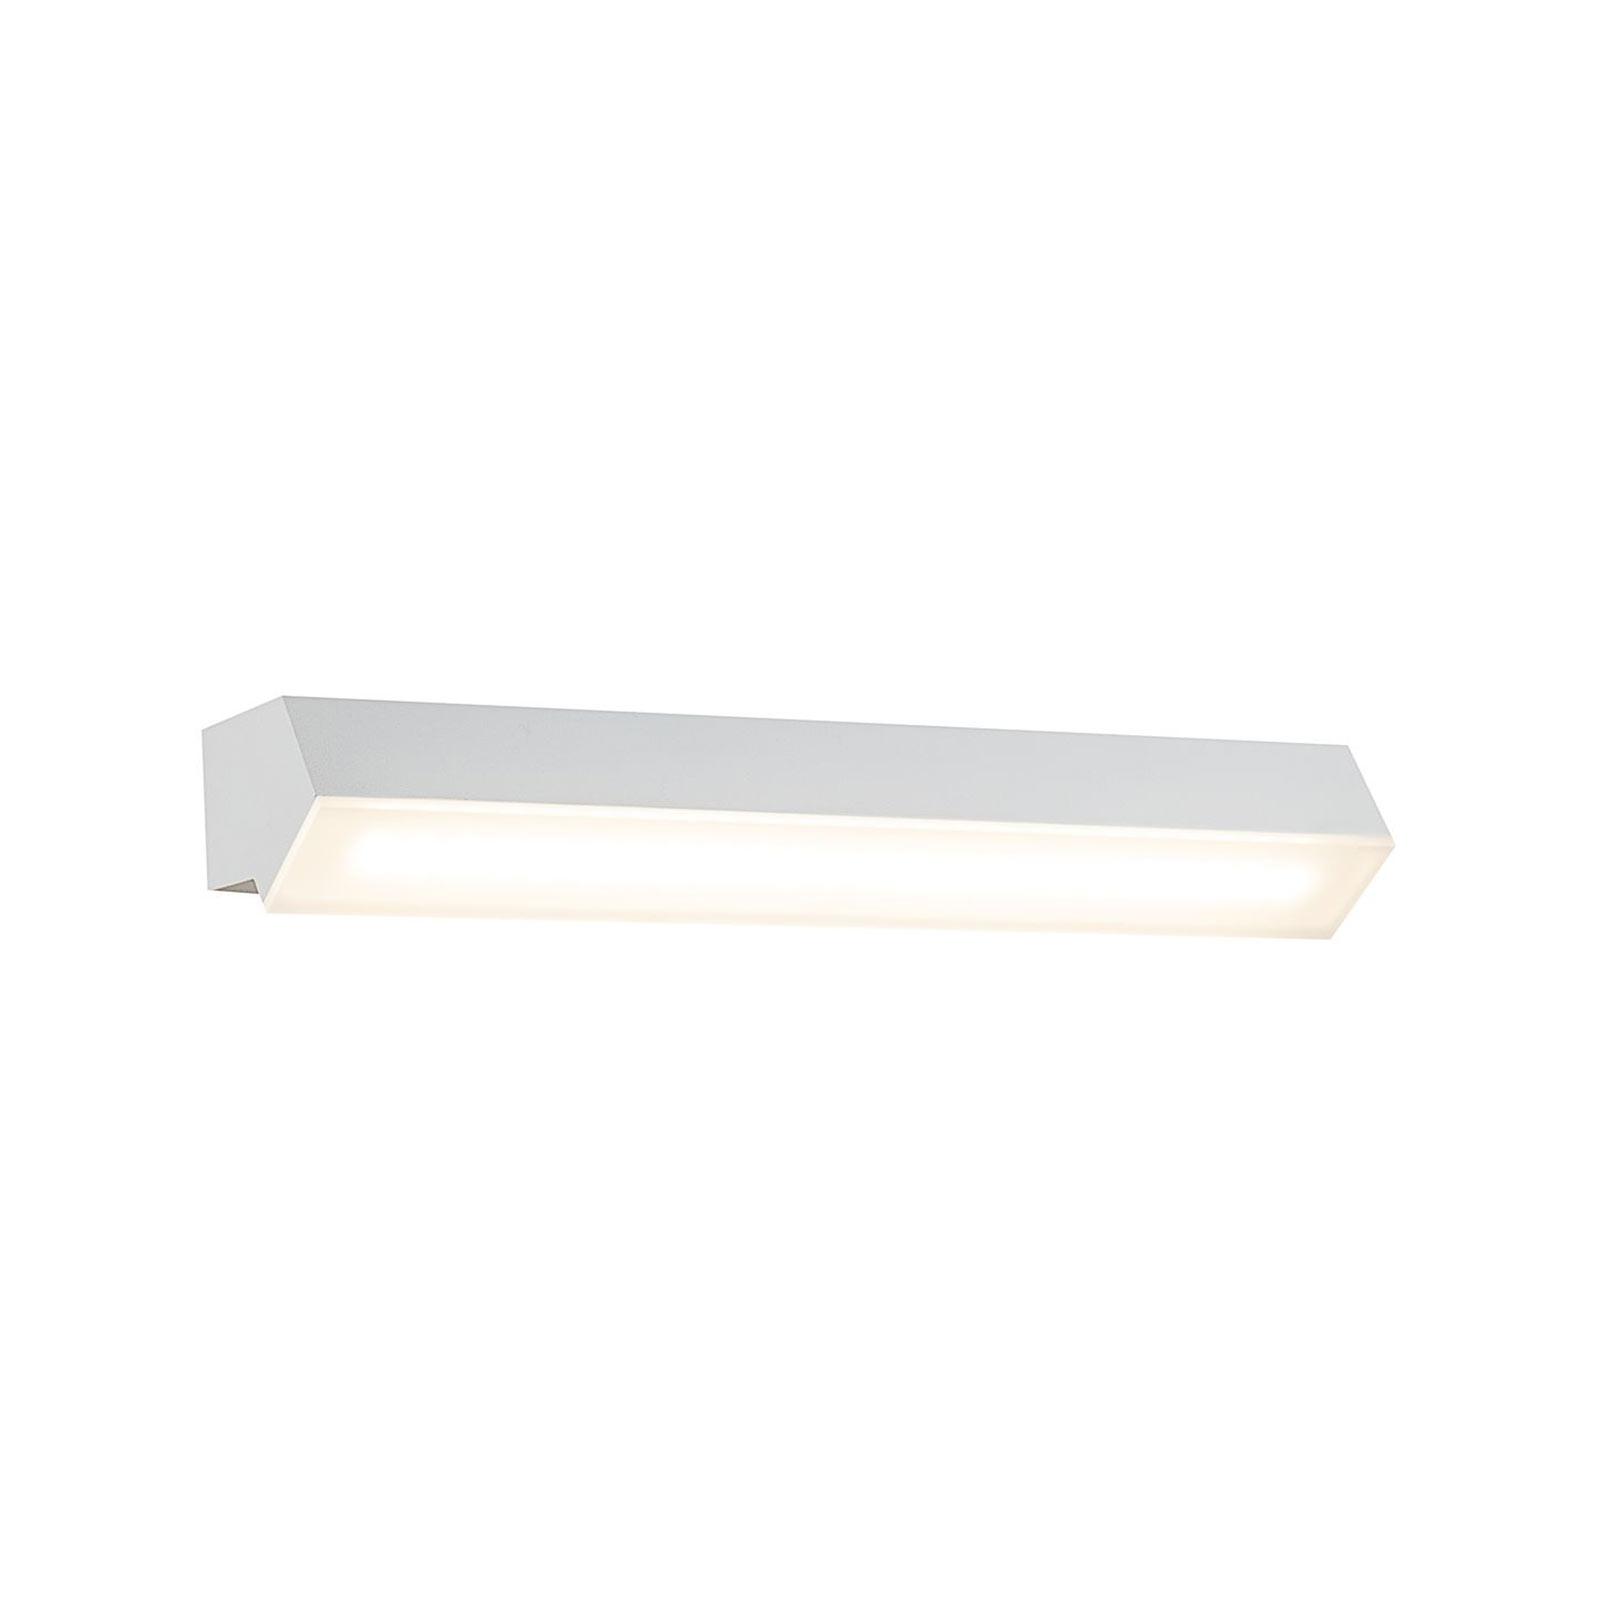 LED-Wandleuchte Toni, Breite 37 cm